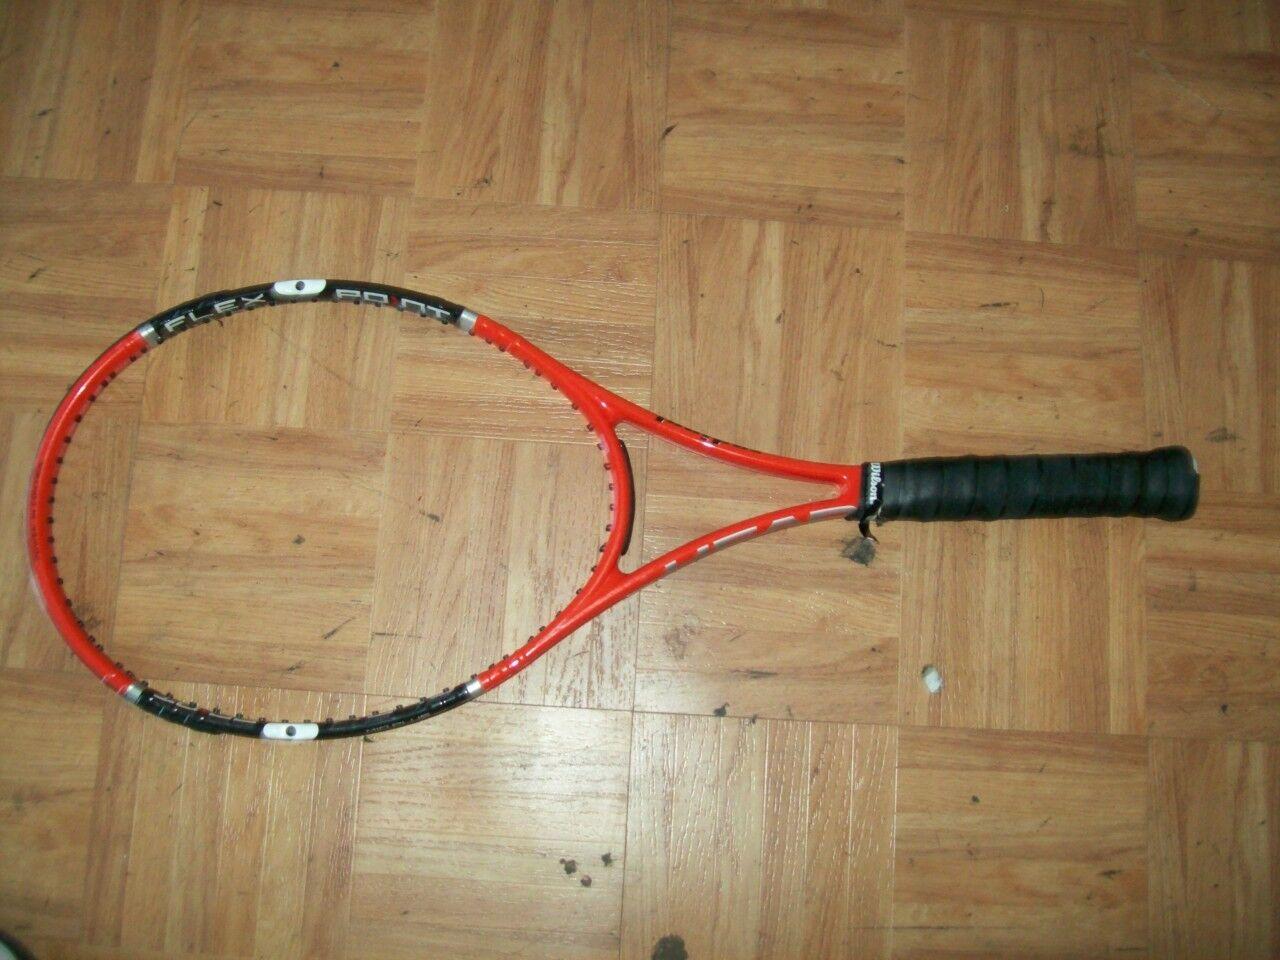 Head Flexpoint Radical Tour 100 head 4 3 8 grip Tennis Racquet